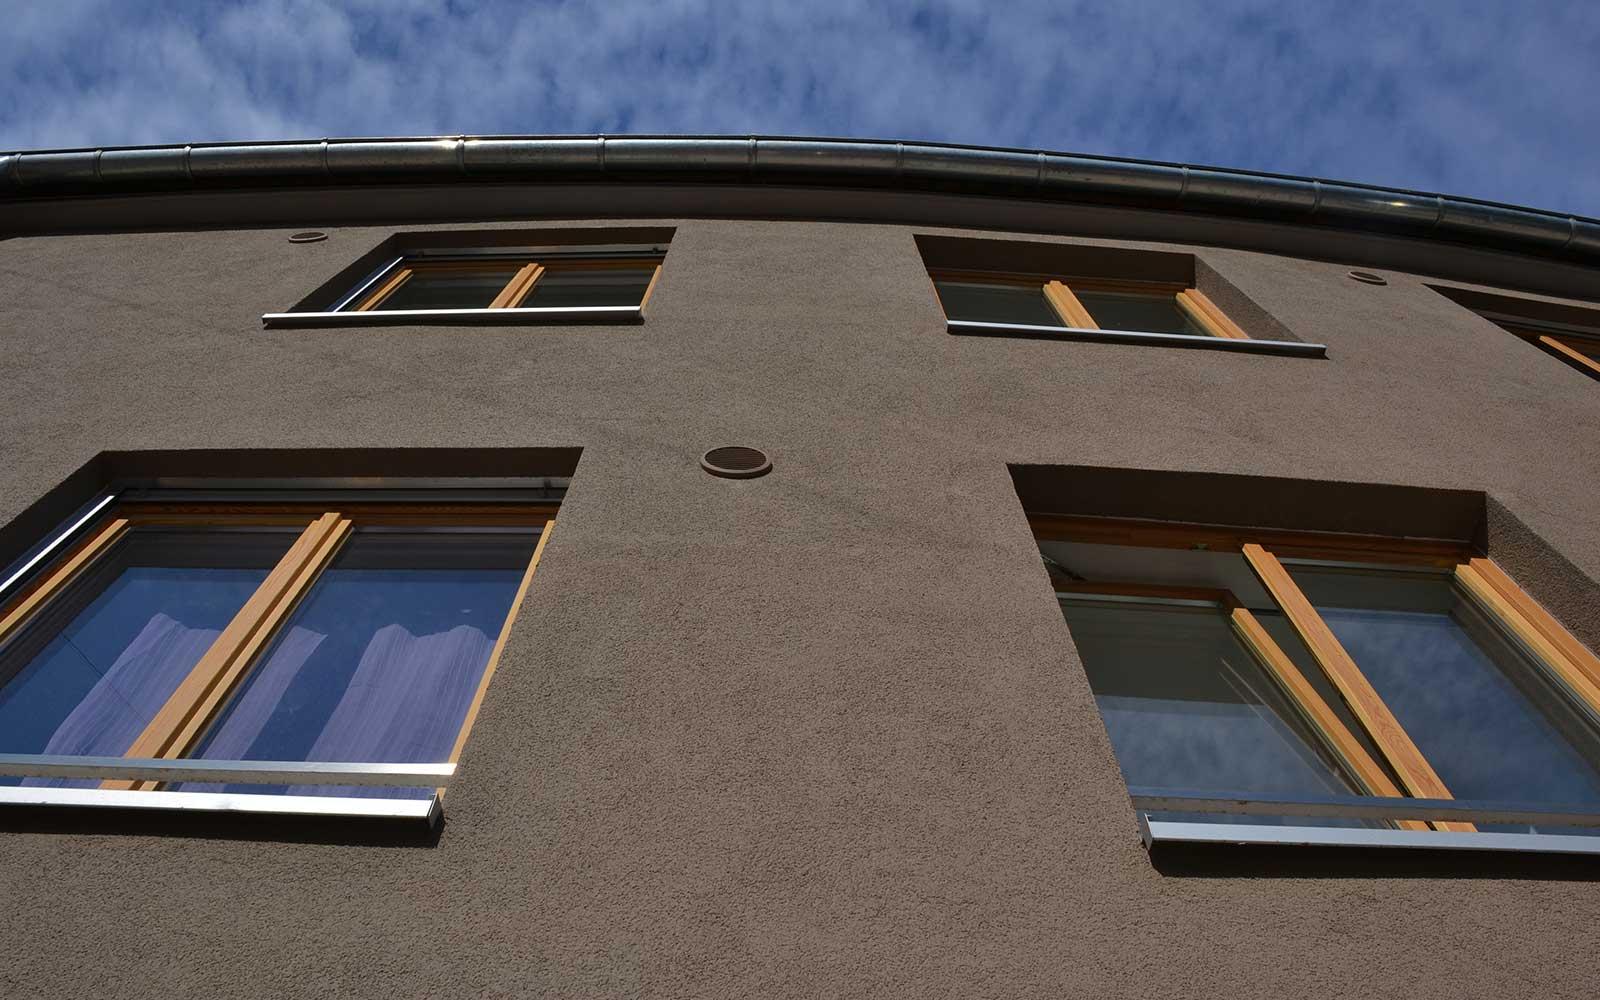 Hans Thoma Wohnheim Heidelberg, Kochhan und Weckbach Architektur Heidelberg